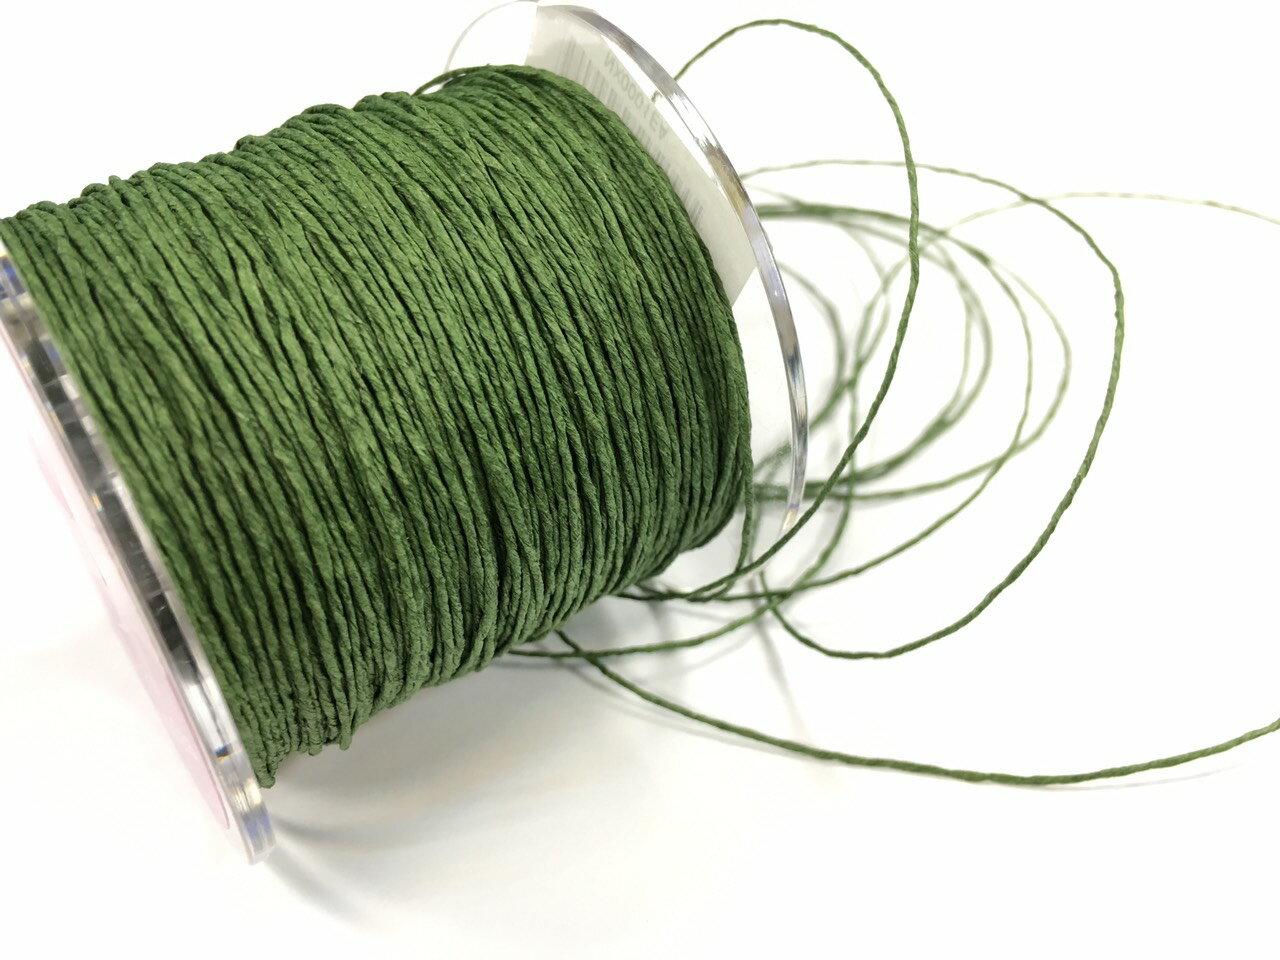 紙繩緞帶 1mm 100碼裝 (5色) 1